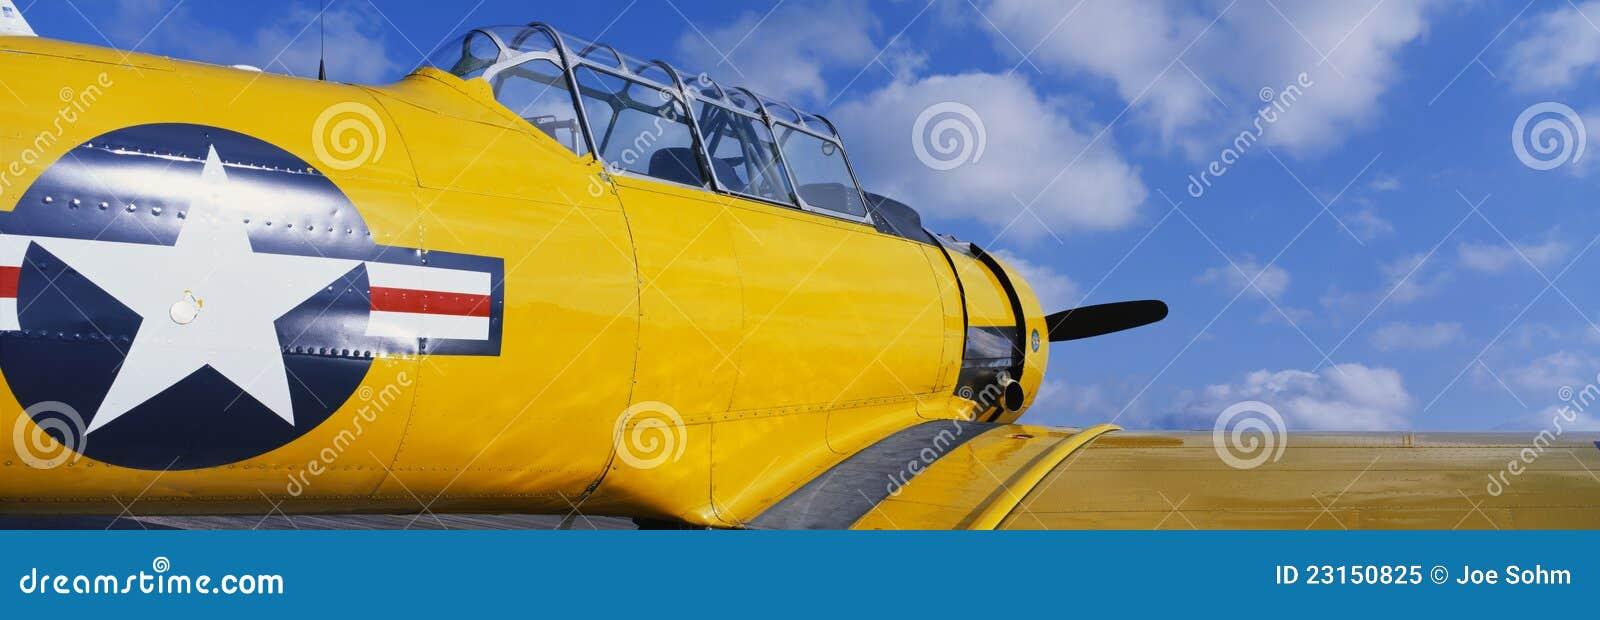 Avion jaune de la deuxième guerre mondiale de cru